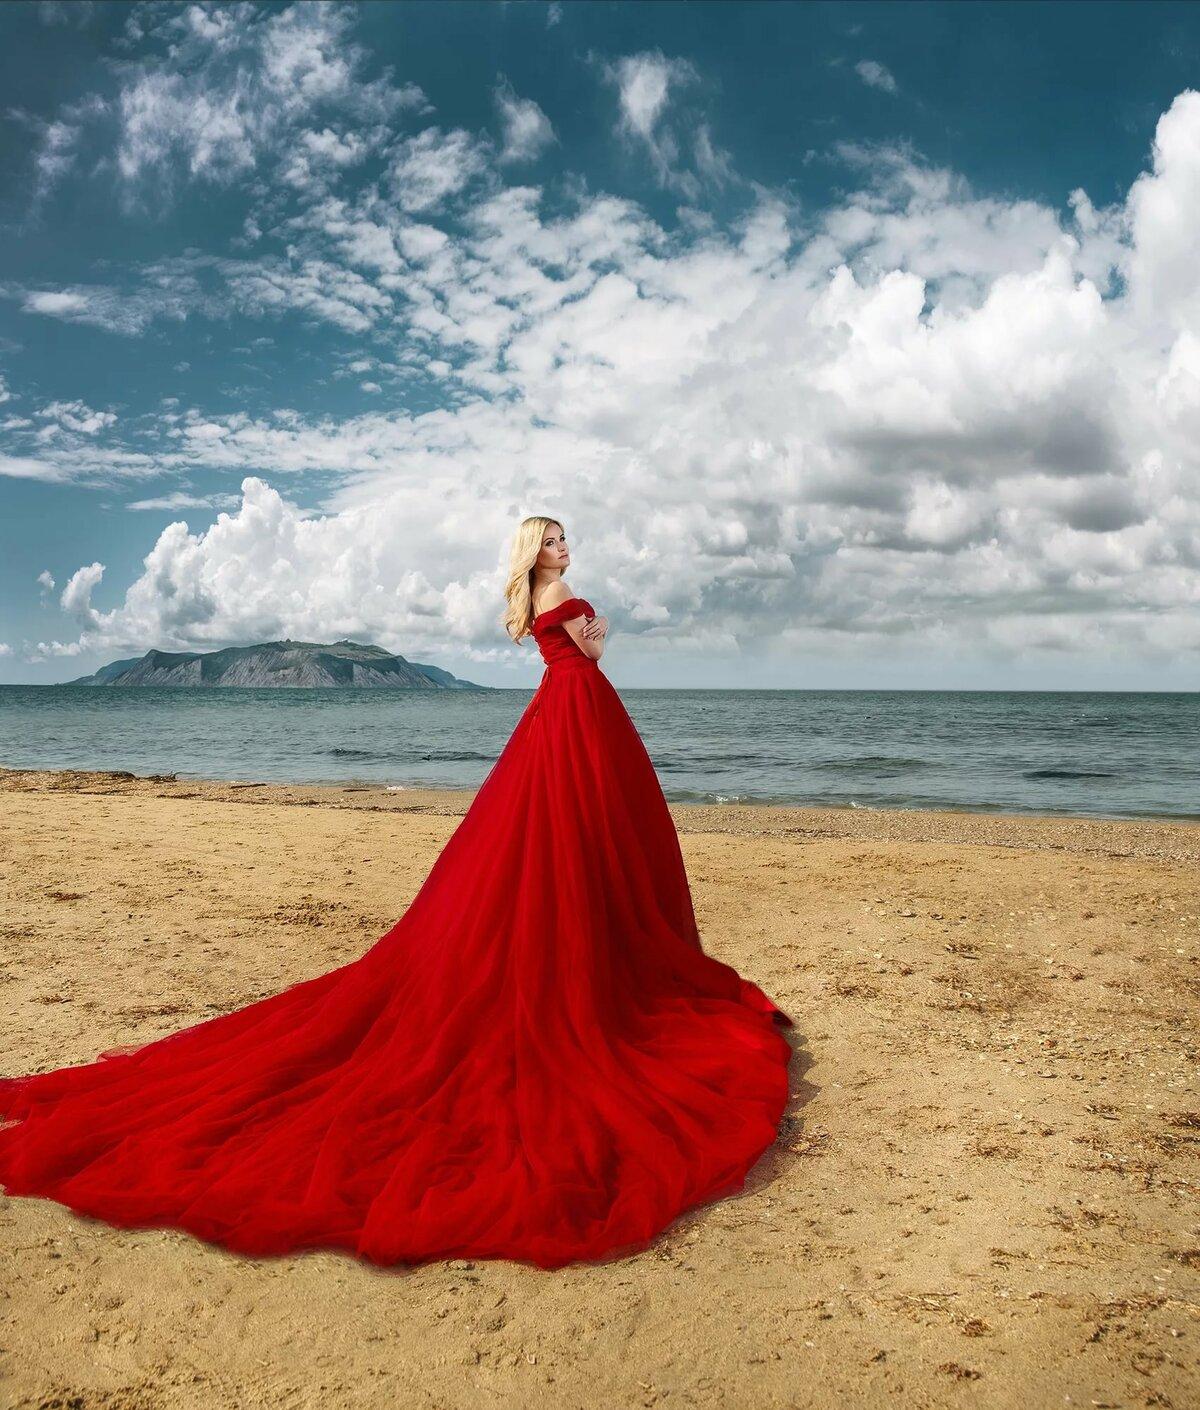 Картинки красивых девушек в красном